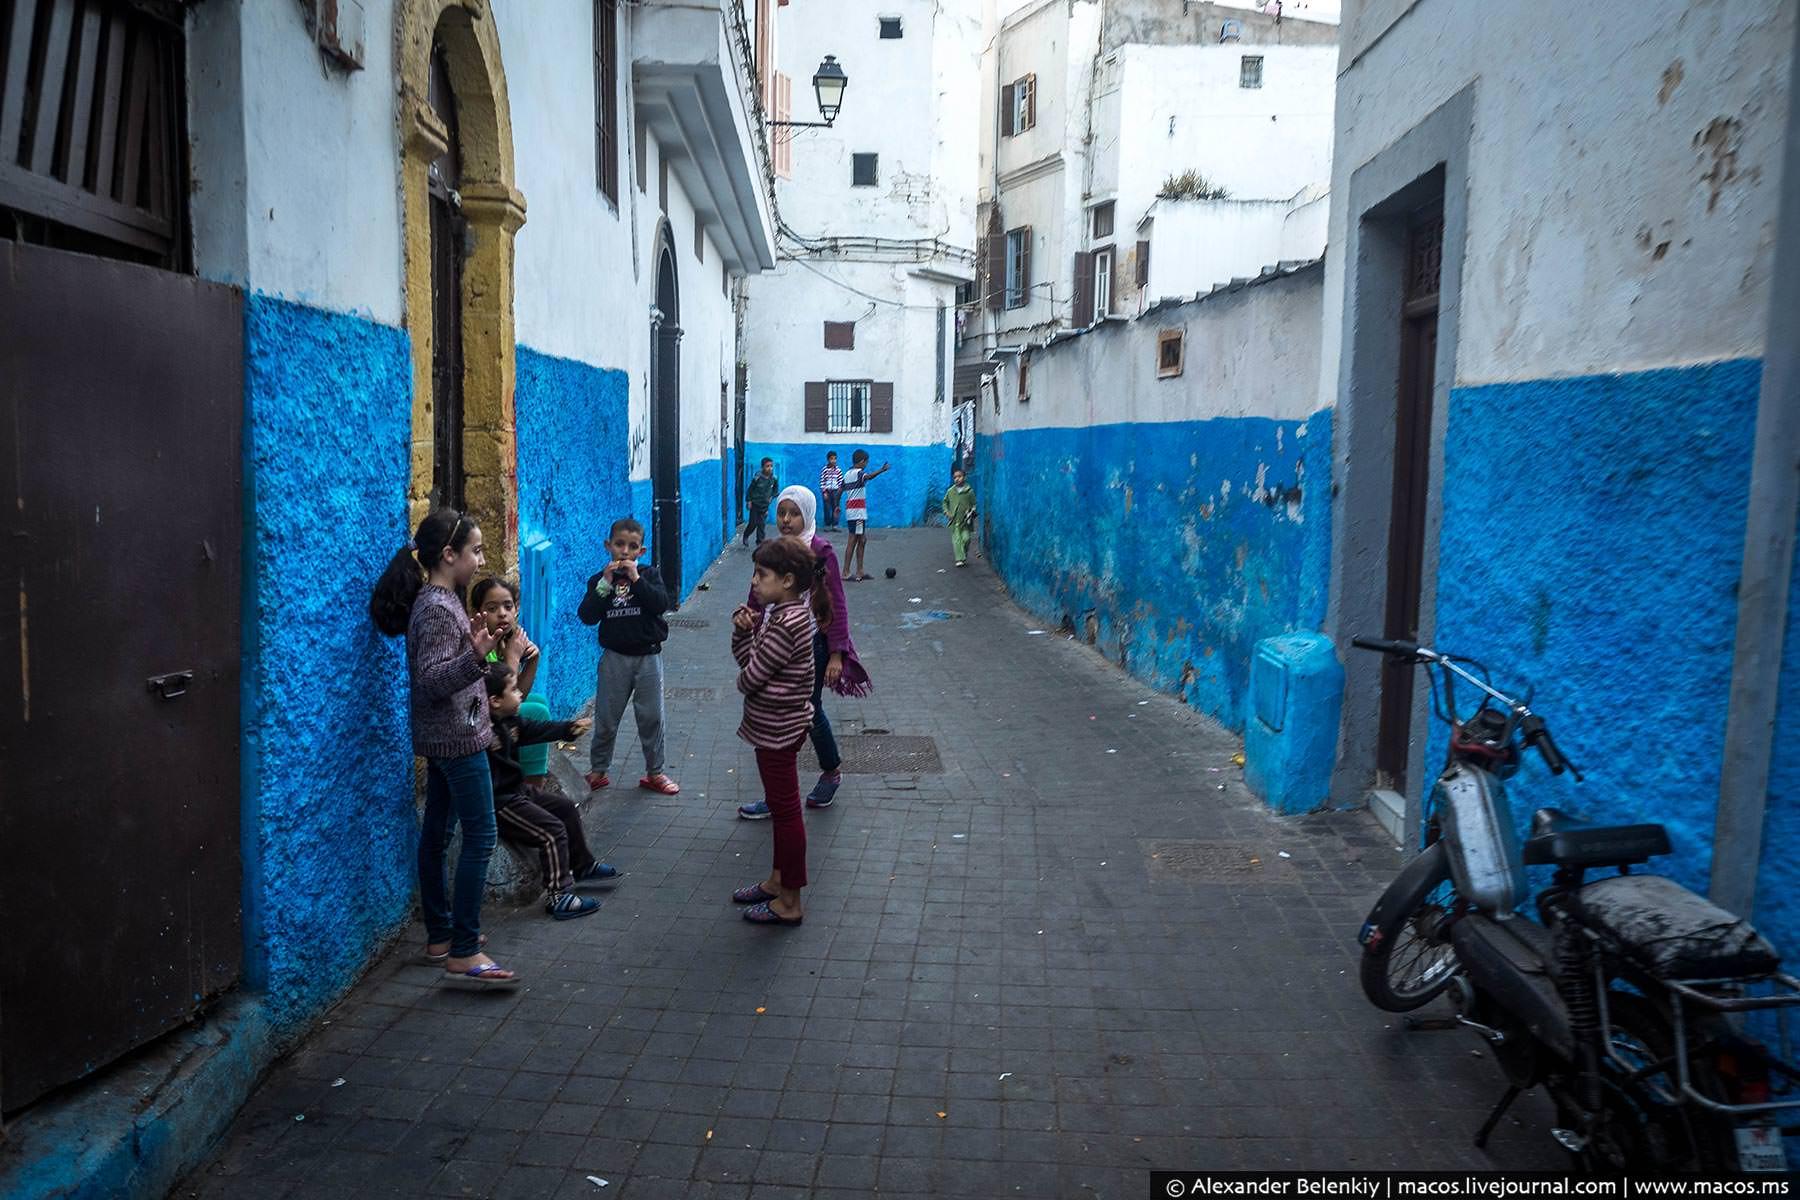 Фото: Дети на улице